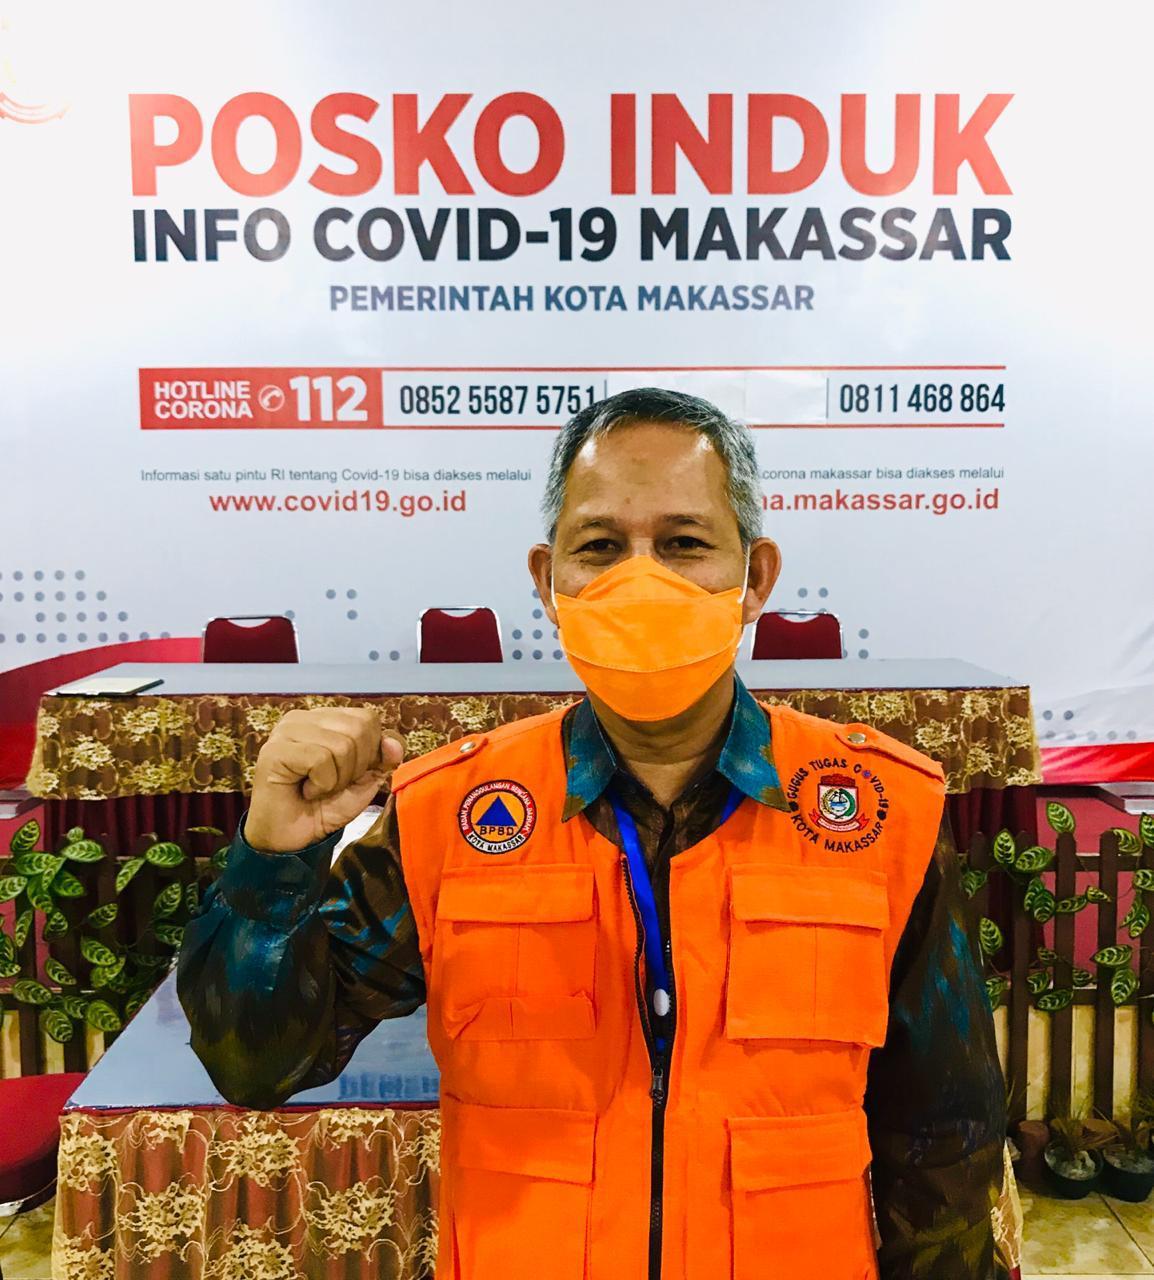 Mulai 20 Juni, Pemkot Makassar Terapkan Sanksi Pelanggar Protokol Kesehatan